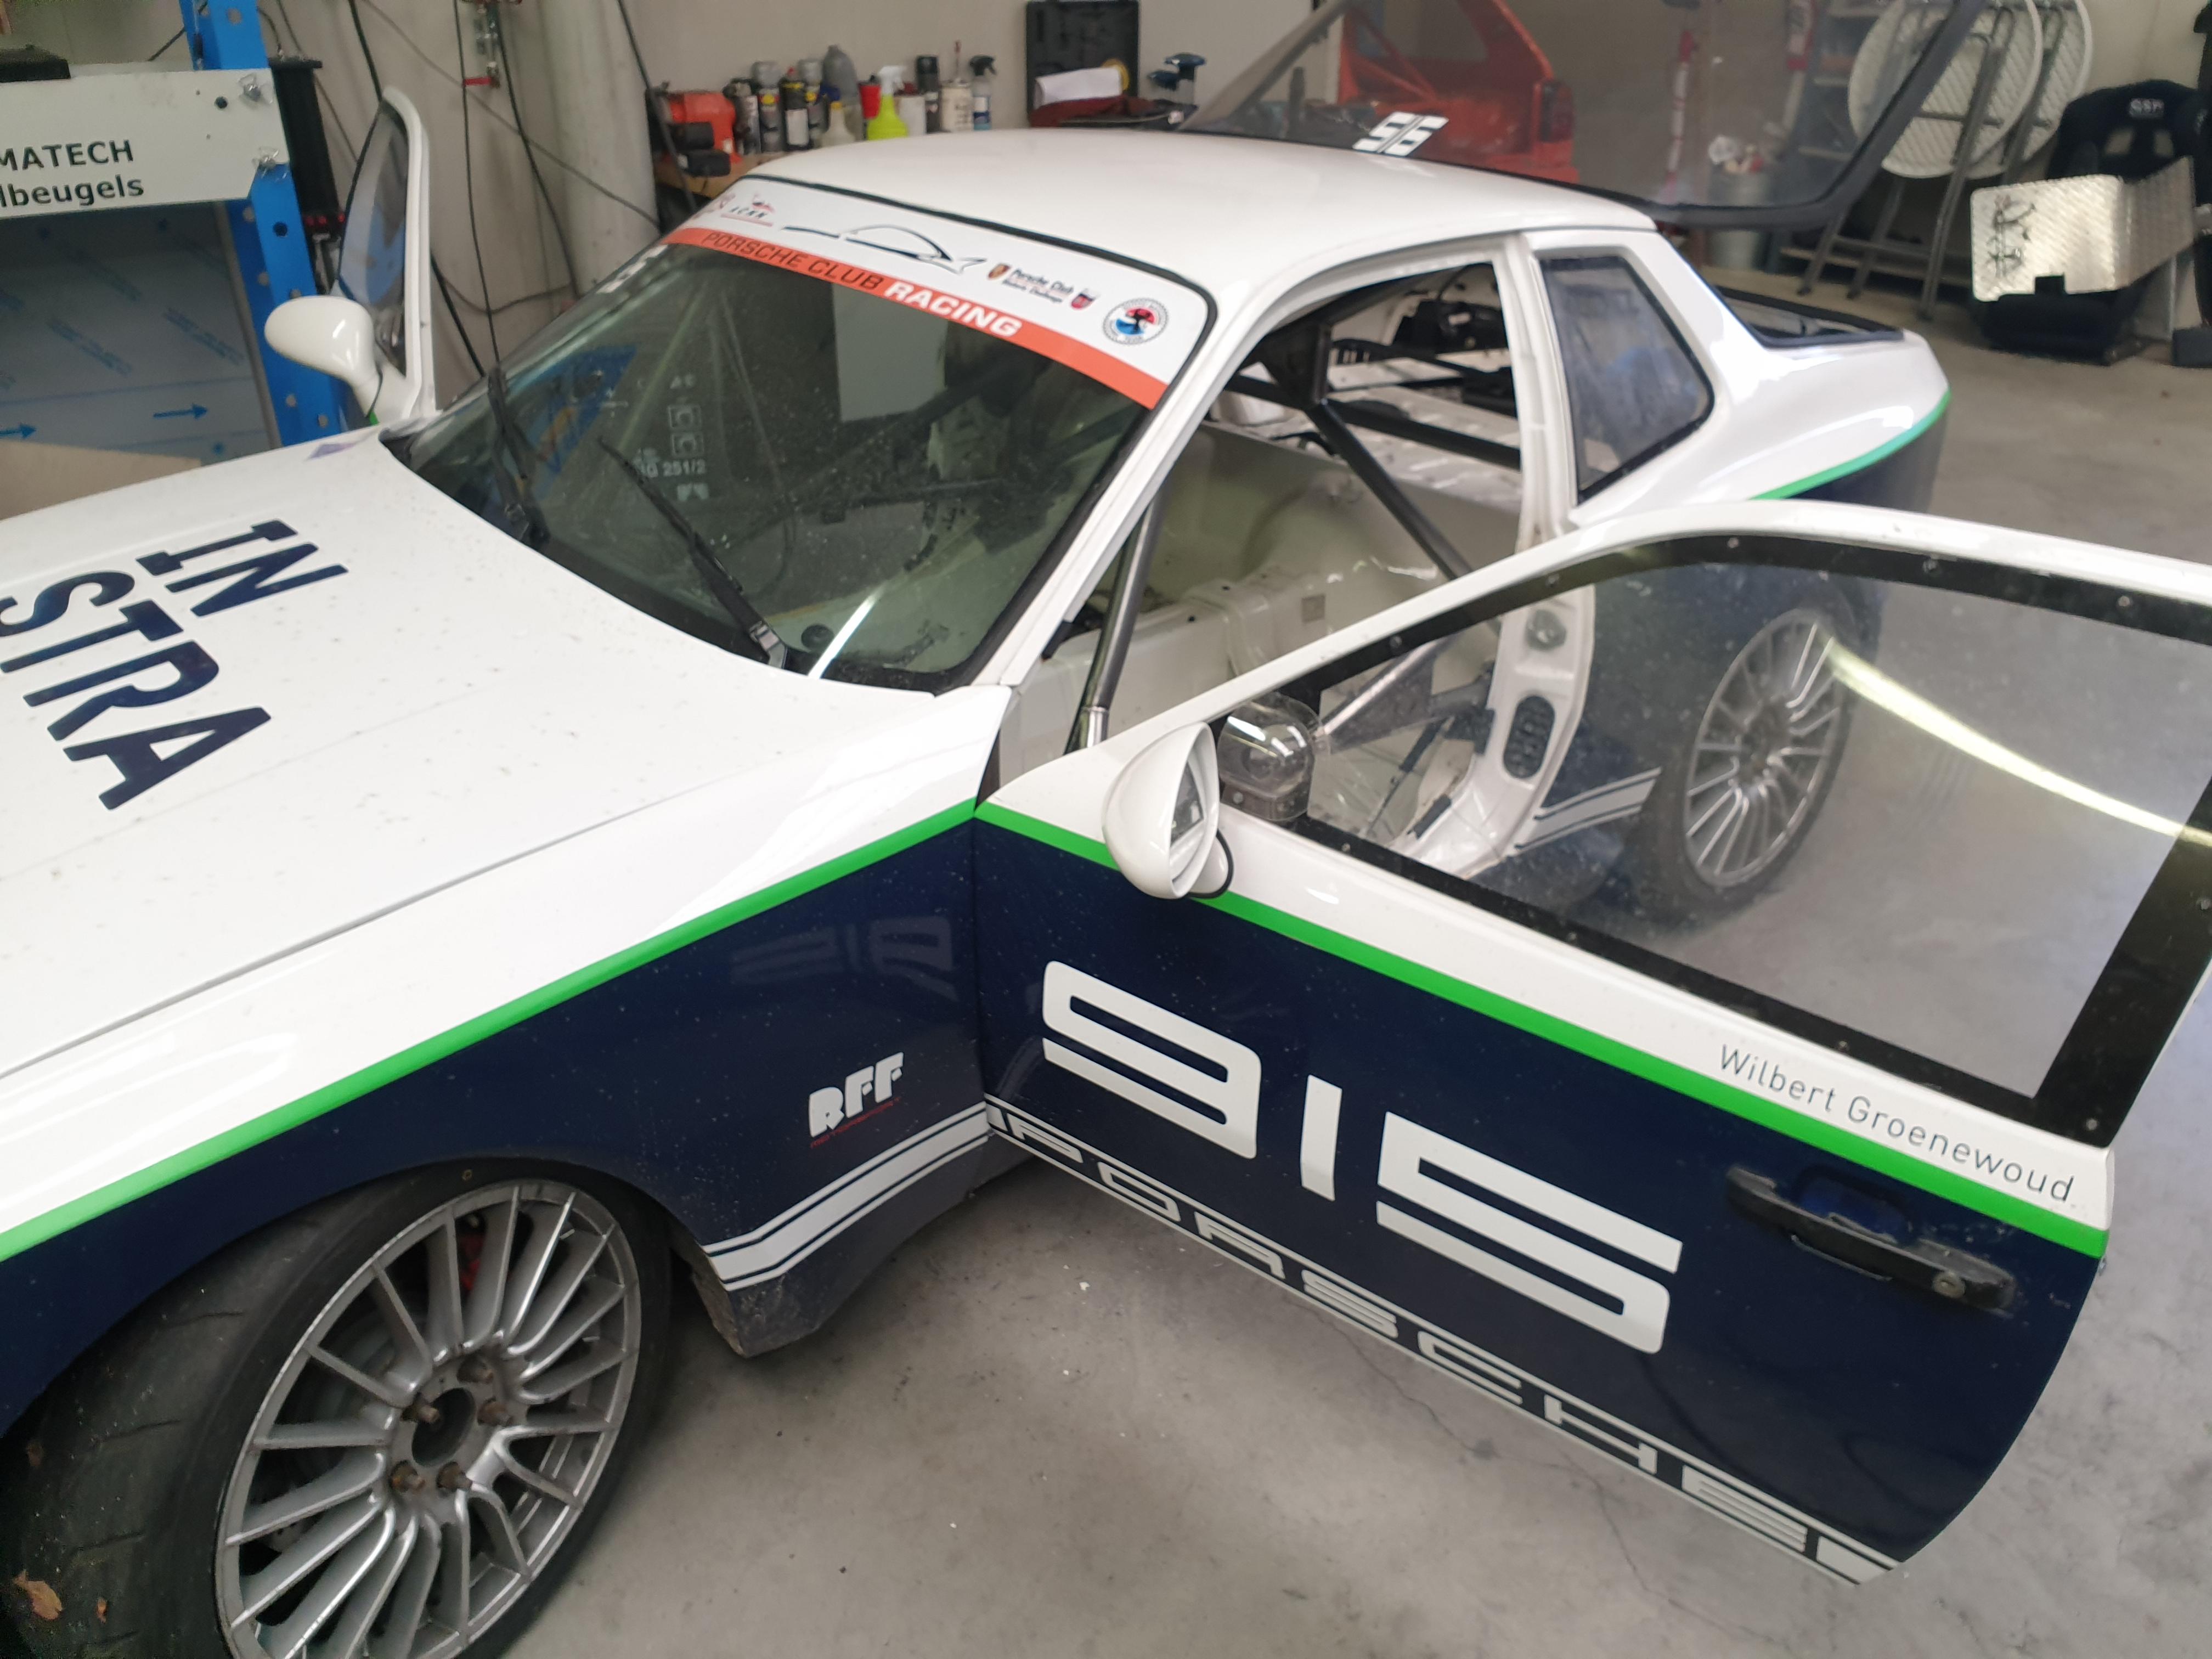 Porsche 944 Voorzien Van Rolkooi Een Raceauto Voor O.a: DNRT